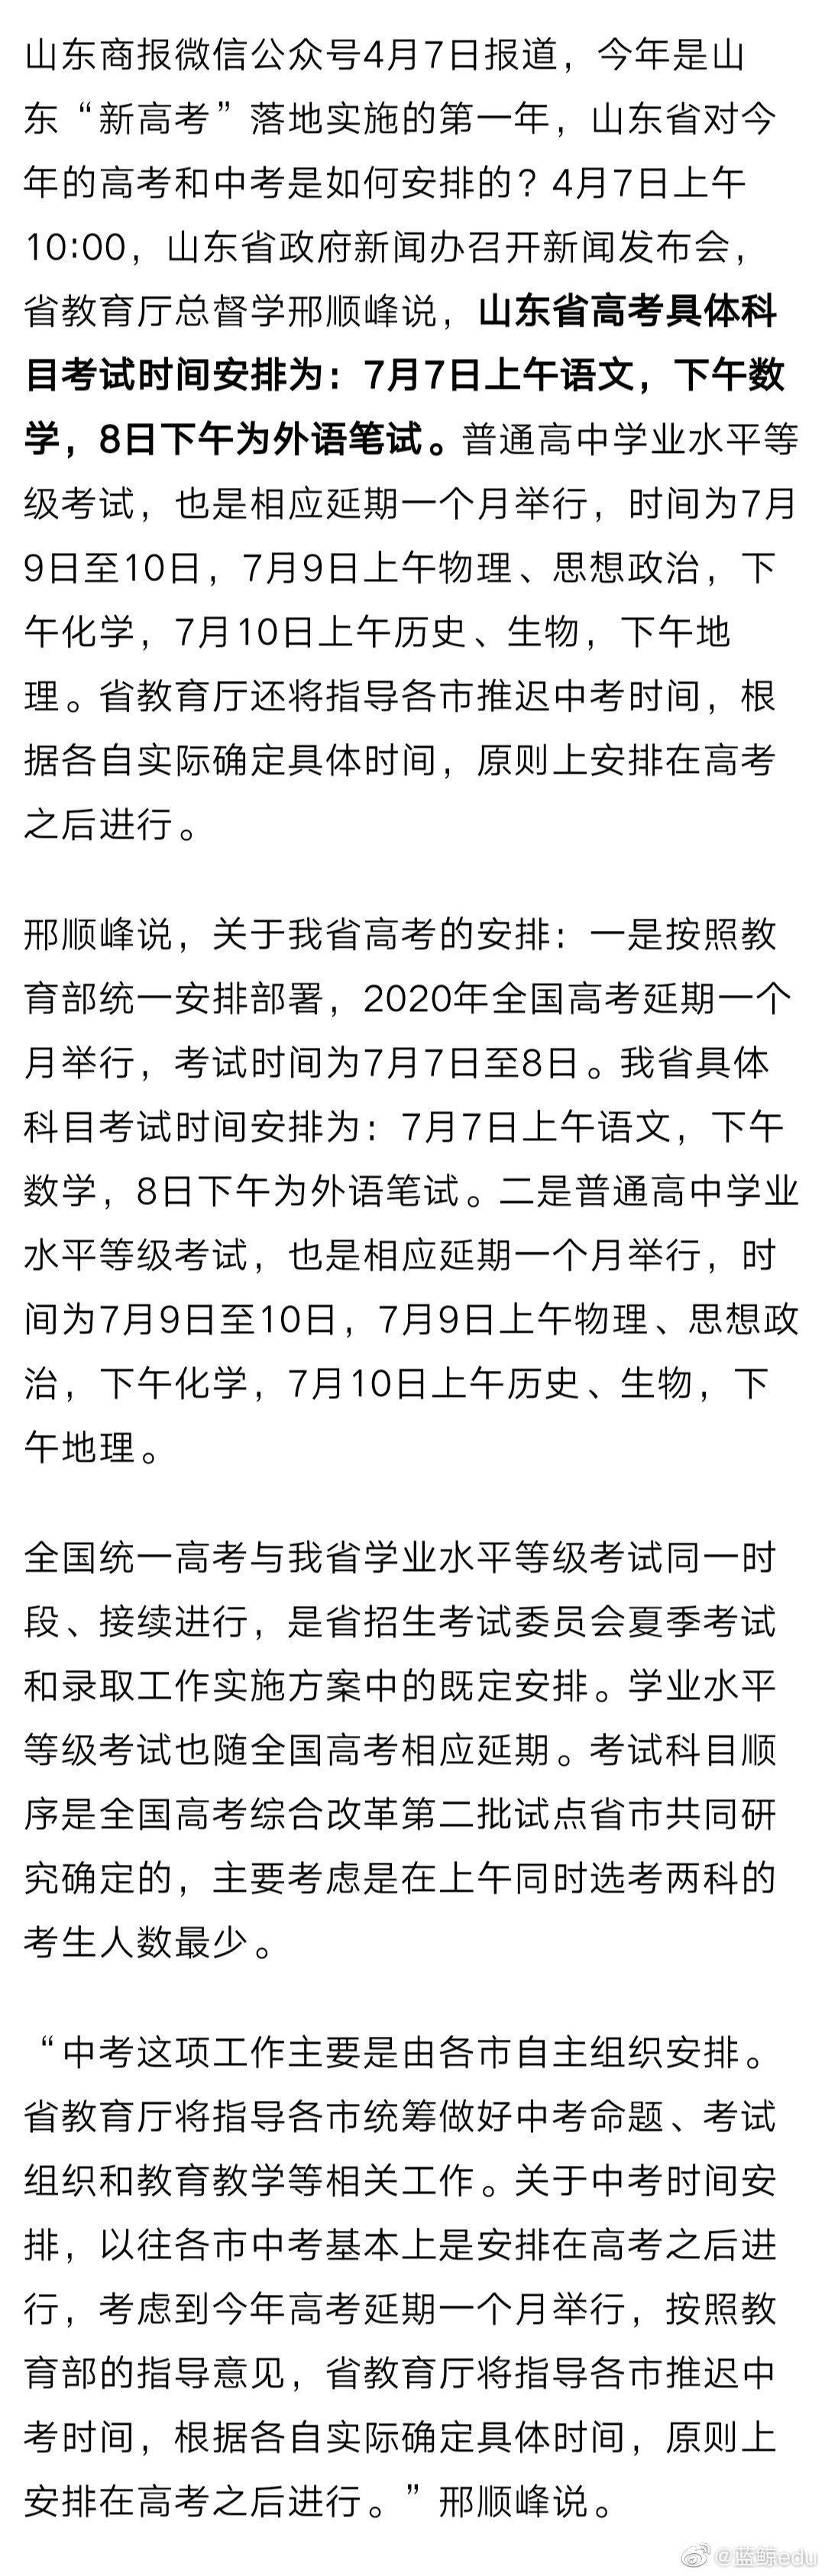 山东高考具体科目考试时间出炉,具体时间安排为:7月7日上午语文